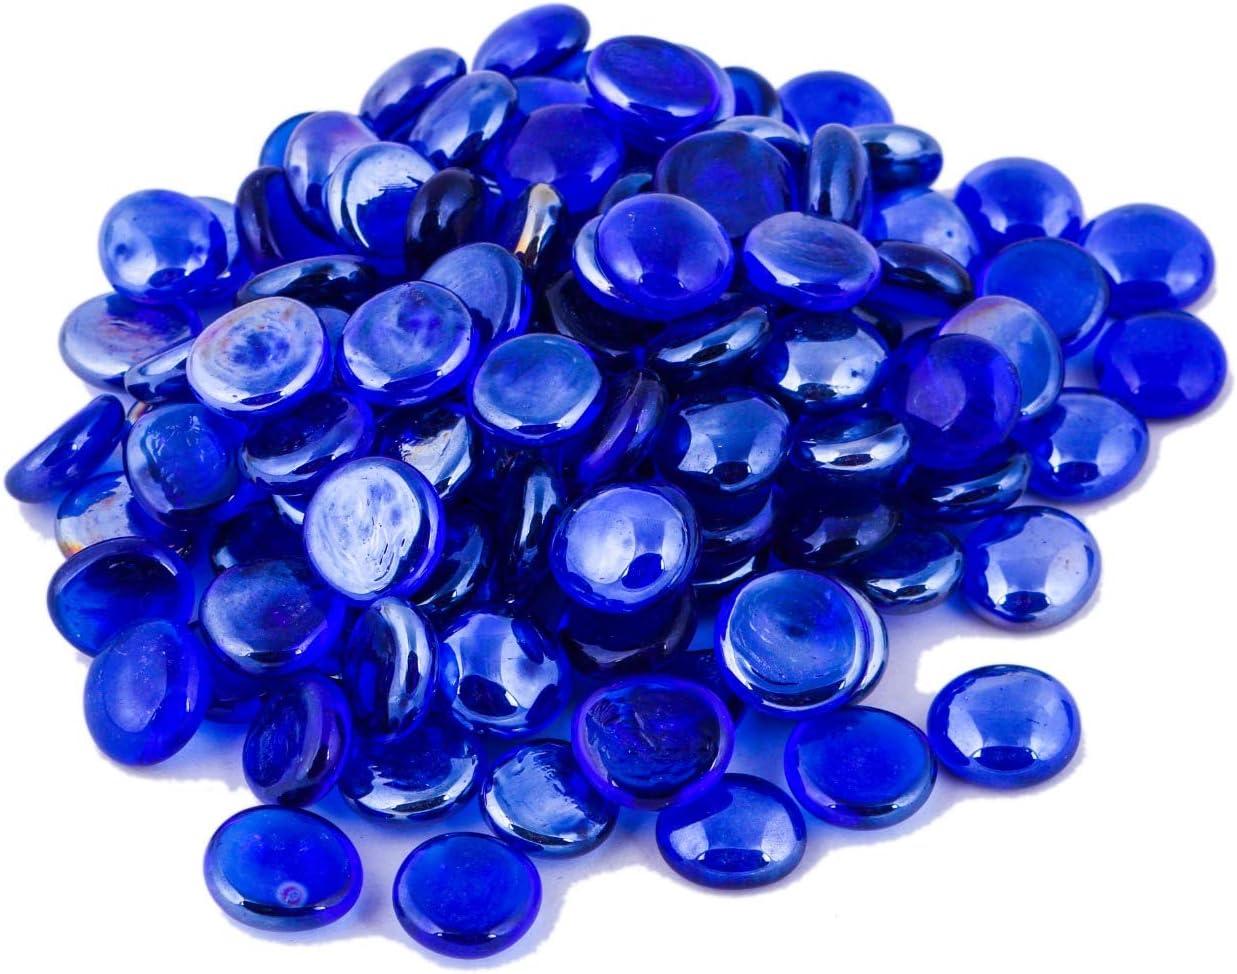 ARSUK Piedras Decorativas, Piedras Preciosas Perlas, Guirnalda Decorativa de Cristal, Piedras Redondeadas Preciosas, Piedras y Minerales 200pcs (1kg) (Azul)